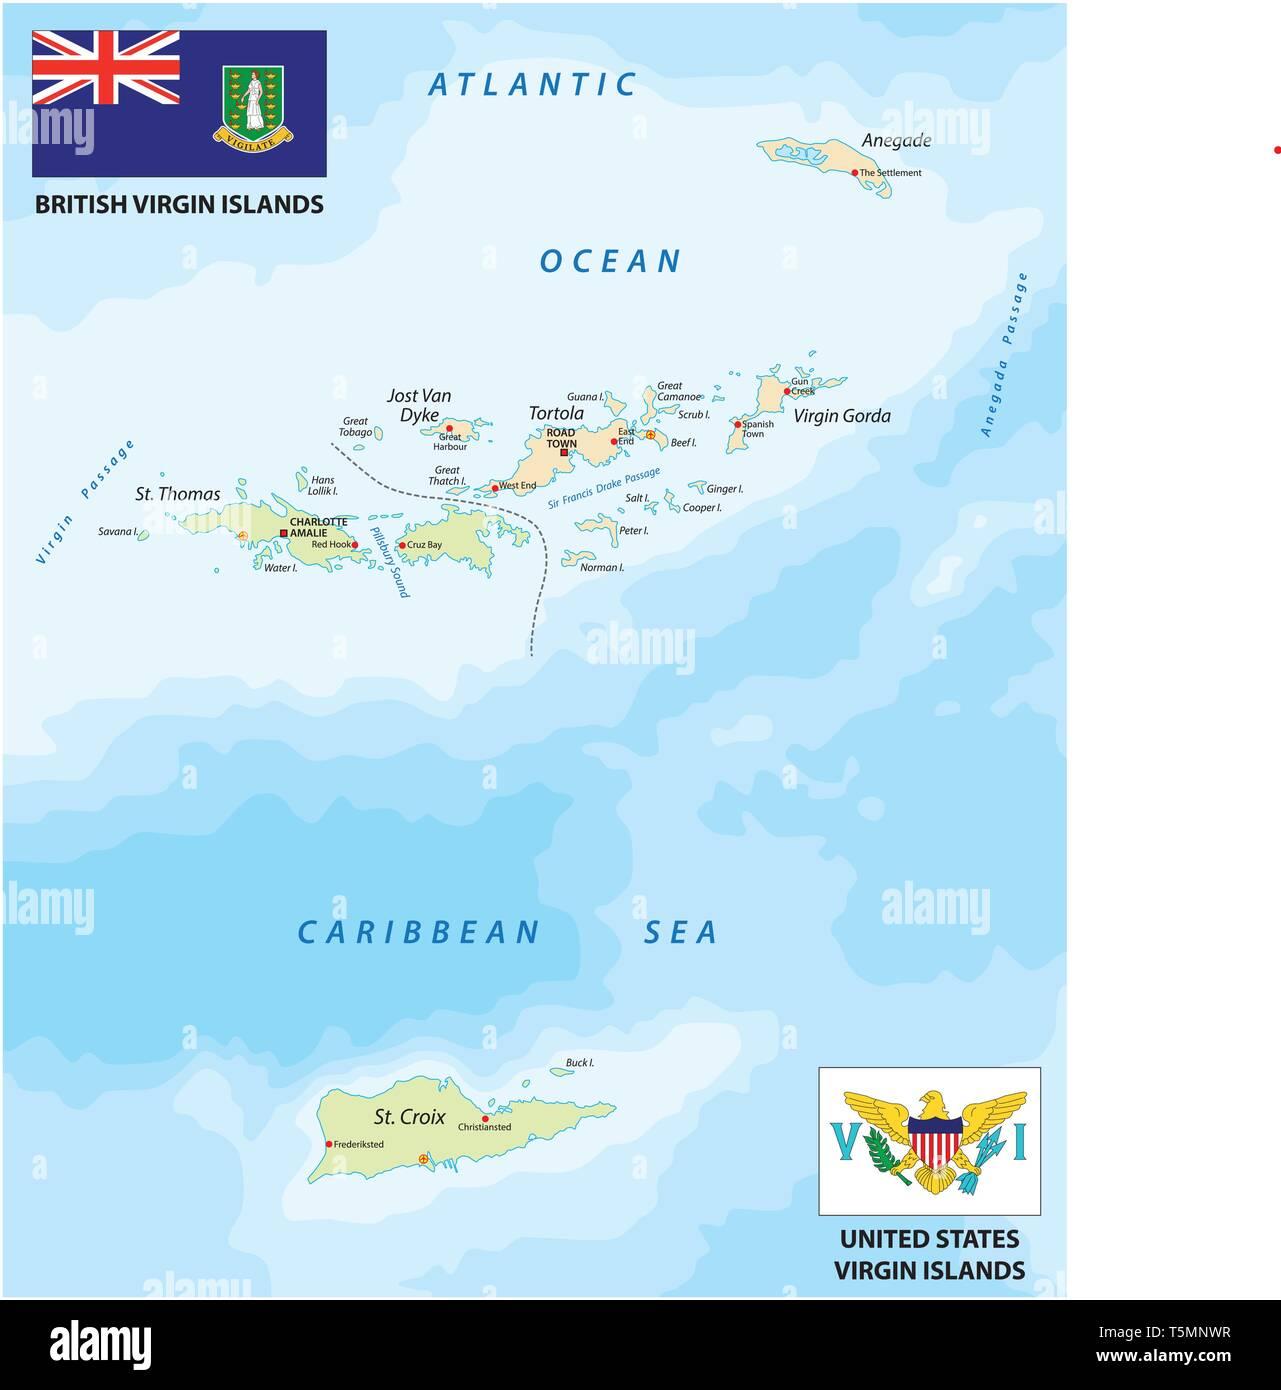 Caribbean Islands Map Stock Photos & Caribbean Islands Map ...